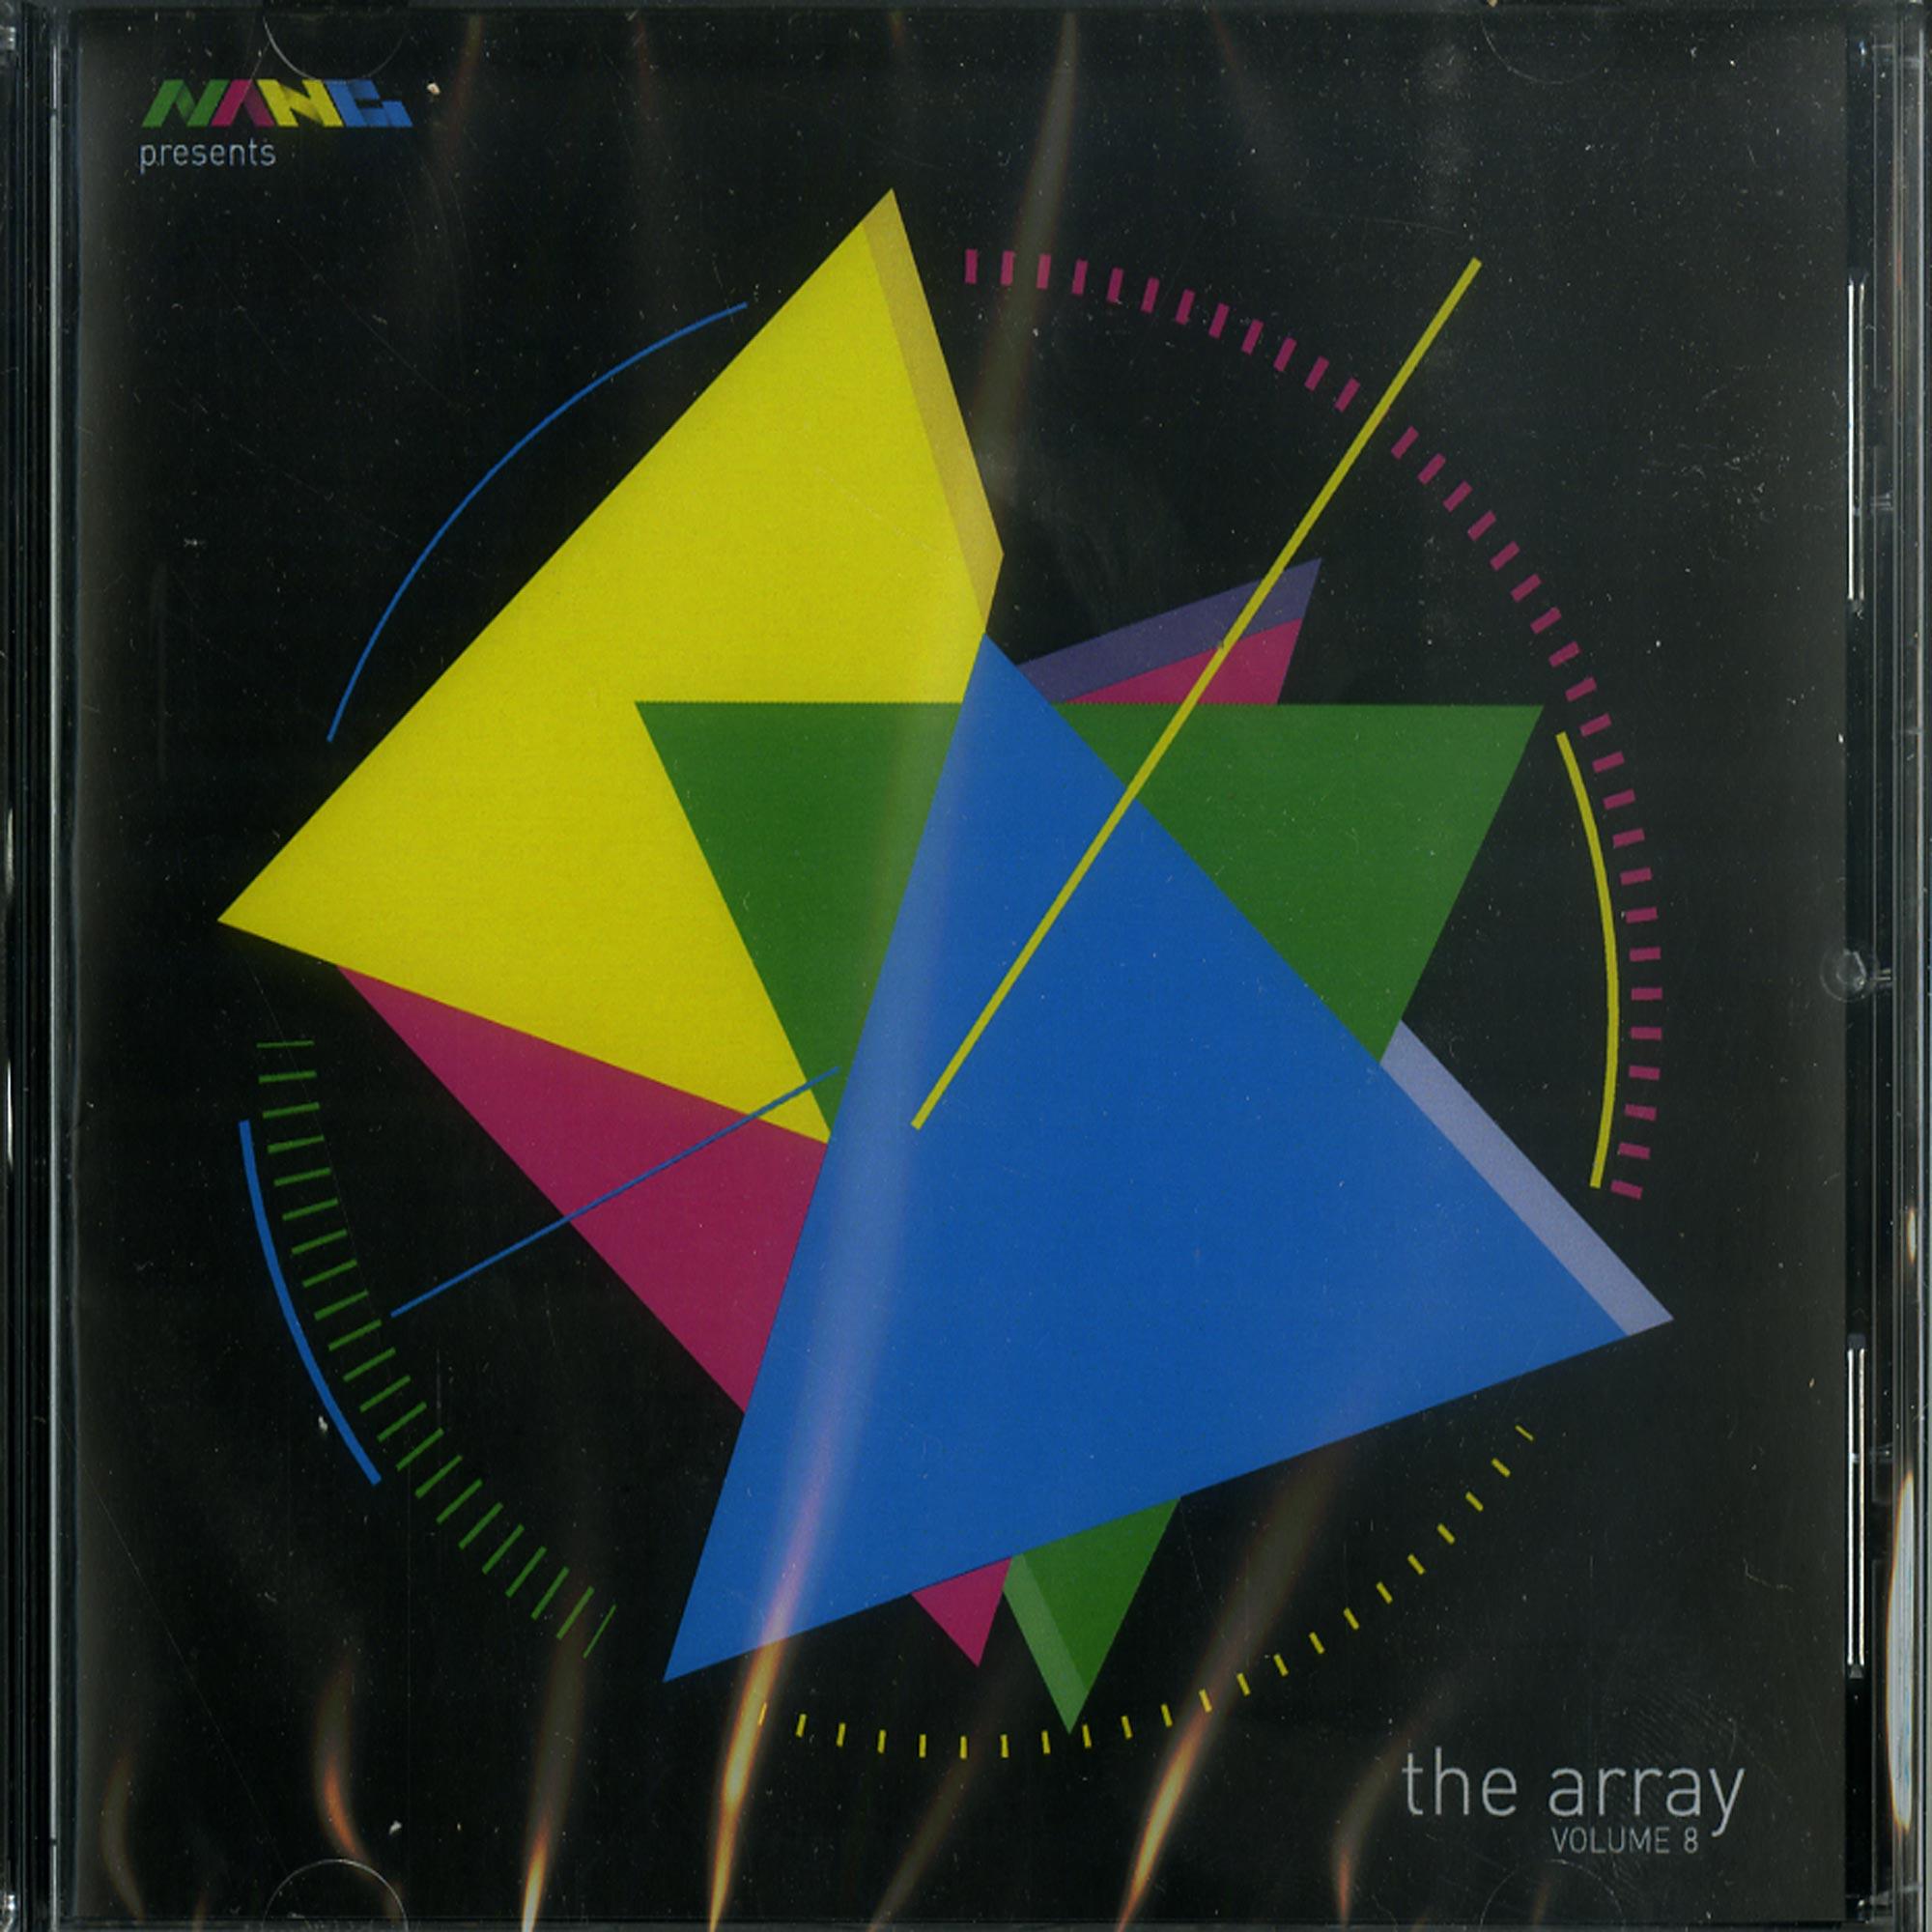 Various Artists - NANG PRESENTS THE ARRAY VOL. 8